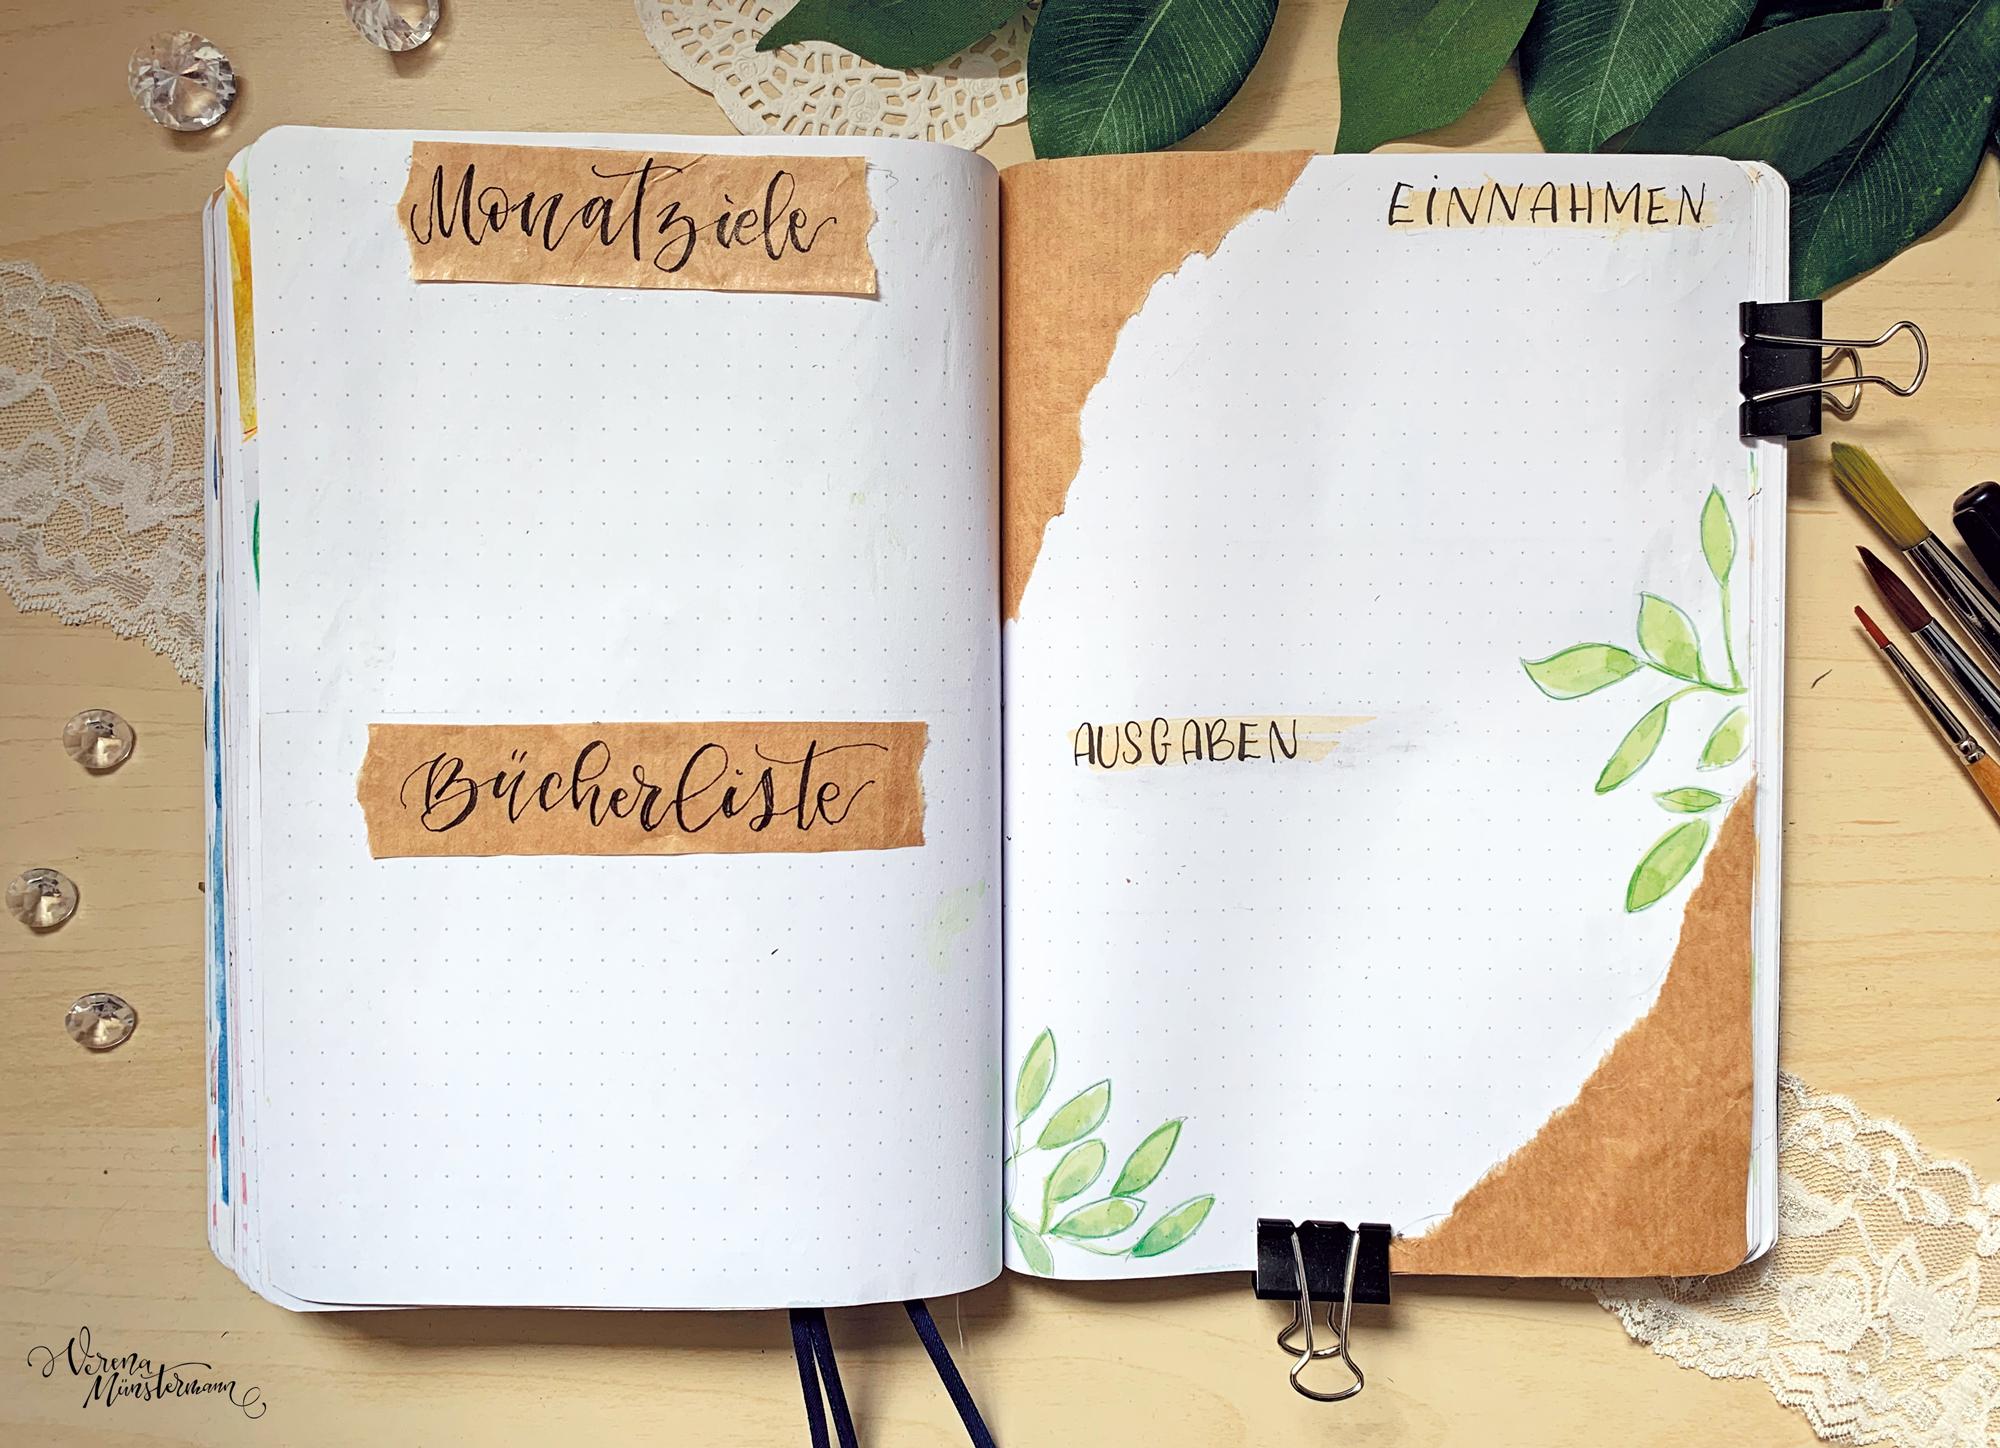 verenamuenstermann - Journal - Bücherliste - Juni